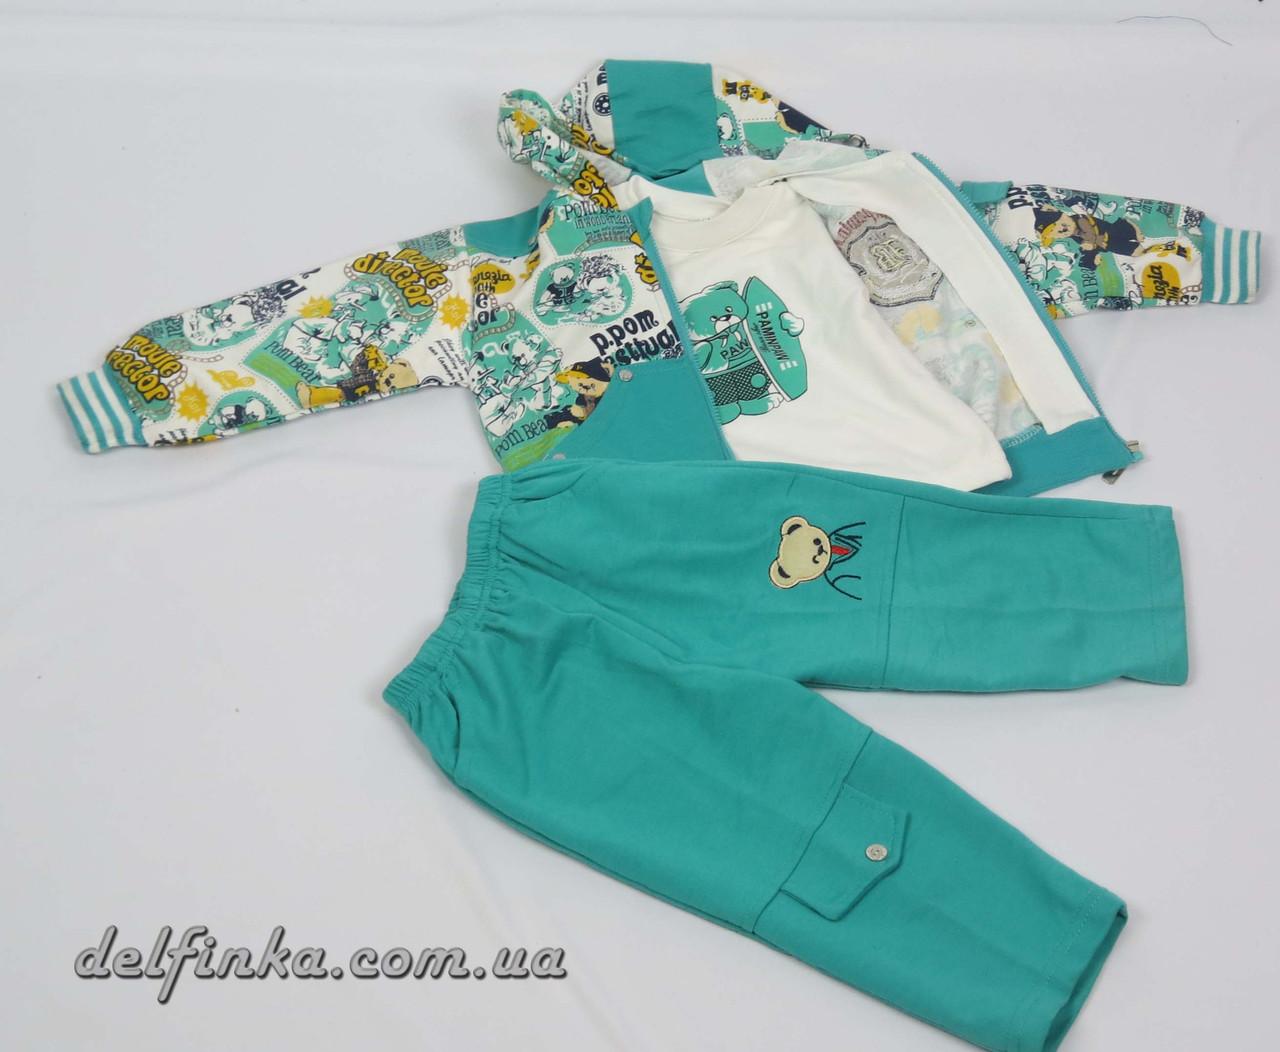 Костюм для мальчика с 1 года до 3 лет, цвет:зеленый, фото 2